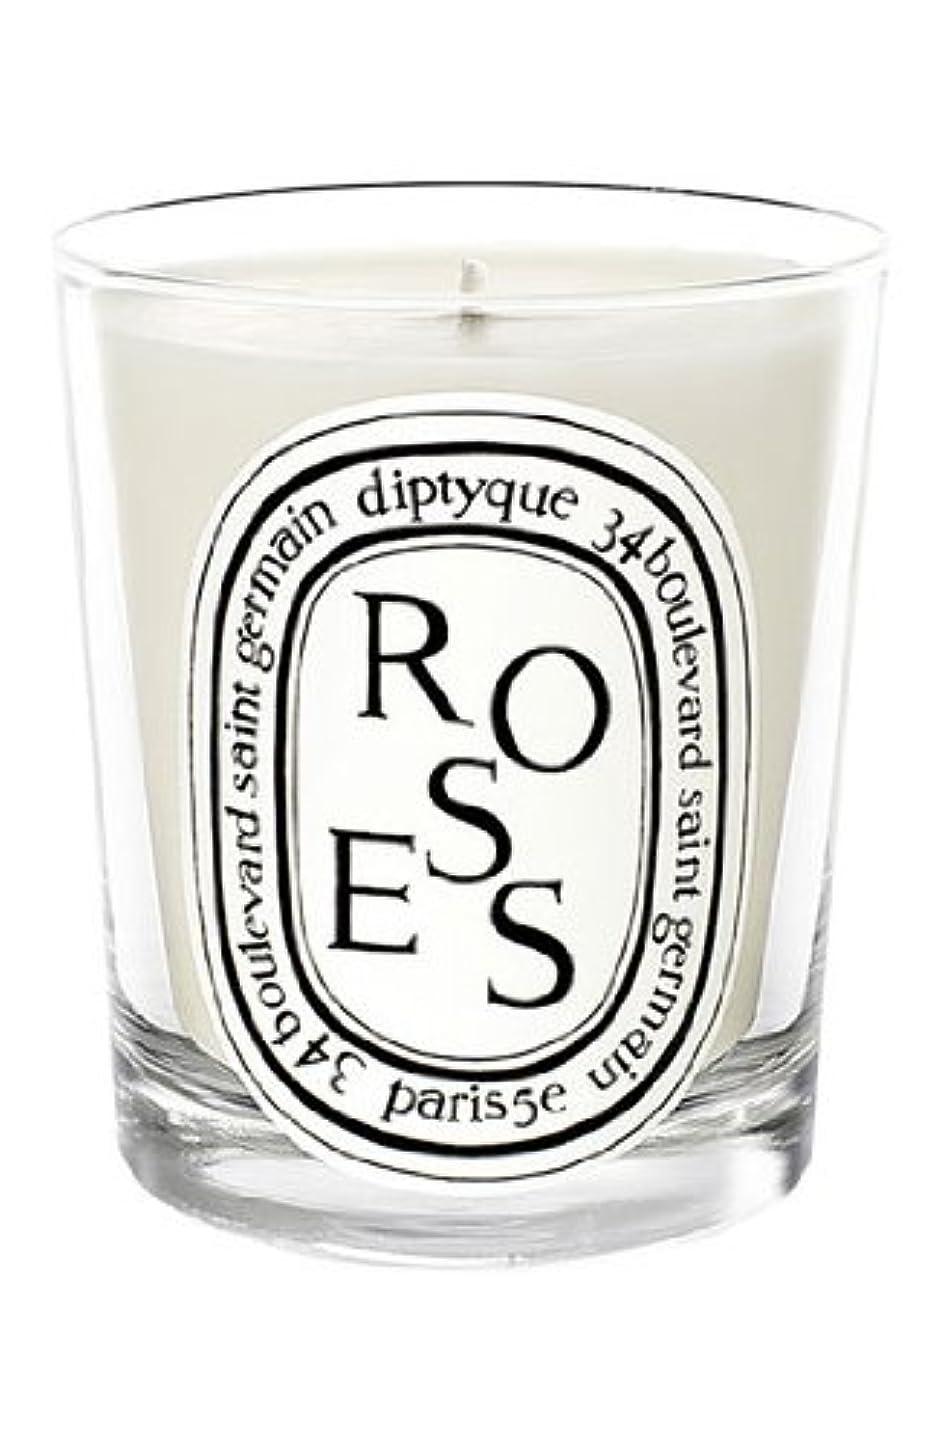 サーバ生き返らせる刑務所Diptyque - Roses Candle (ディプティック ロージーズ キャンドル)195 g